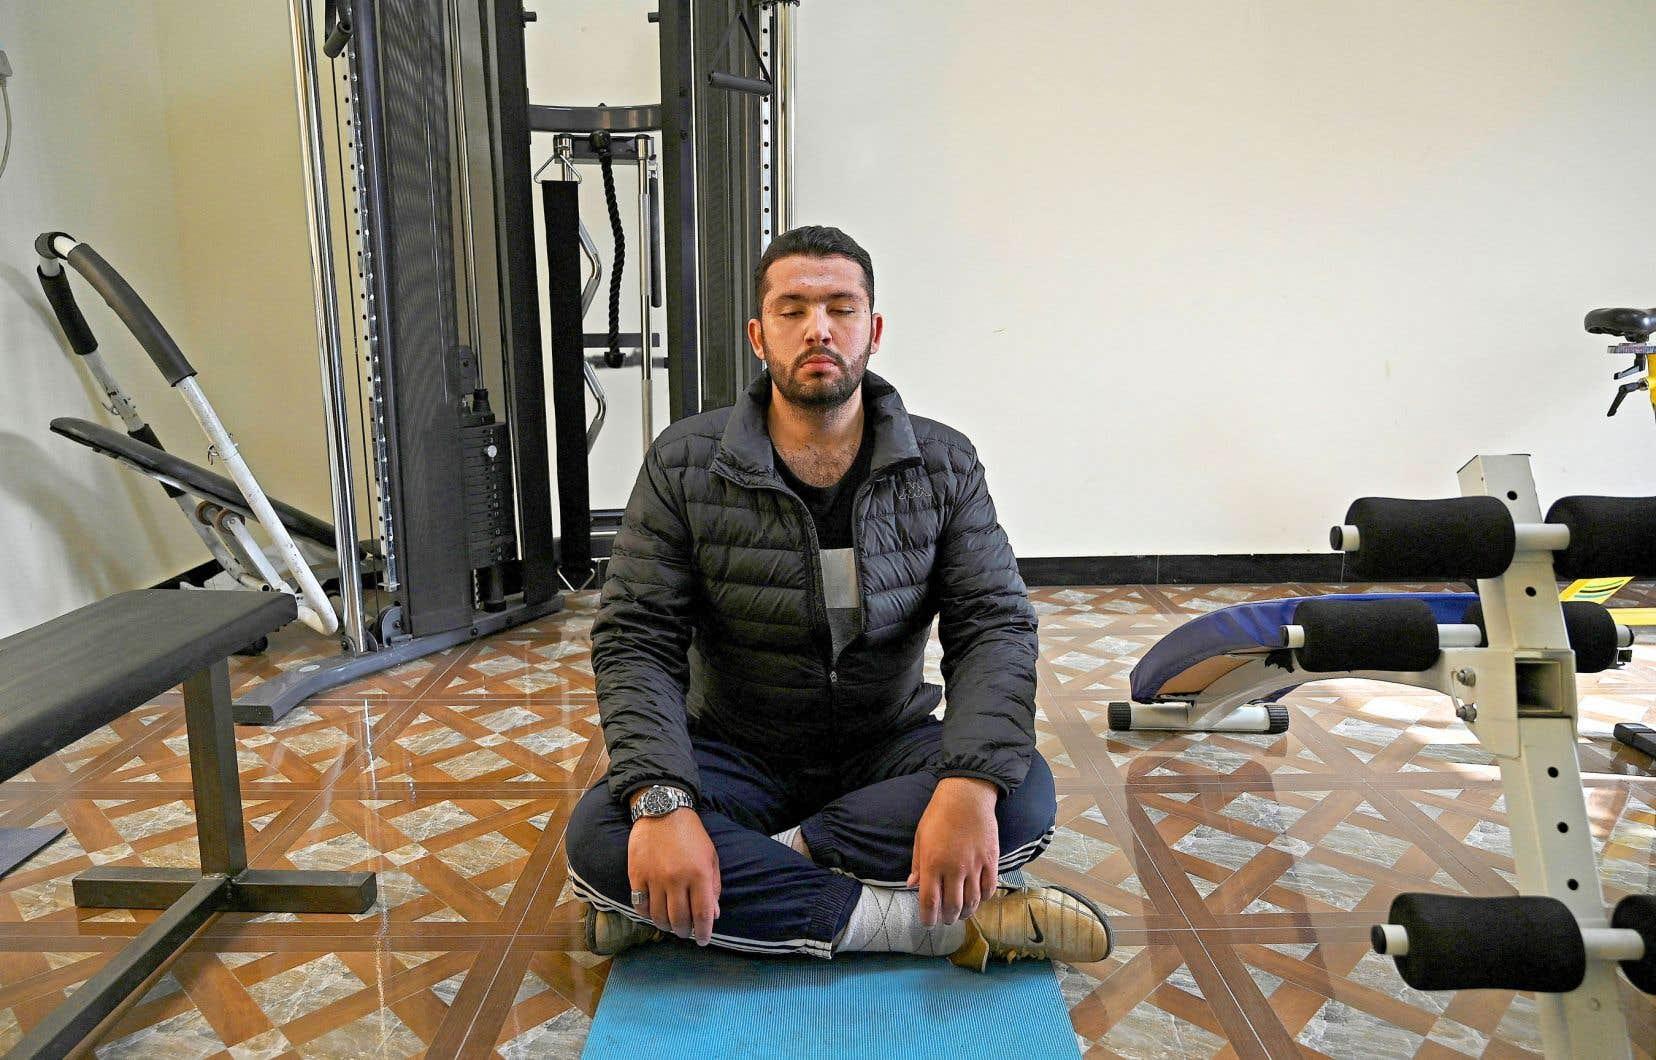 Pour maîtriser l'art de la récitation du Coran et devenir un Qari, Hassan Ali Kasi a dû suivre un régime strict de yoga, de vocalises et de restrictions alimentaires.